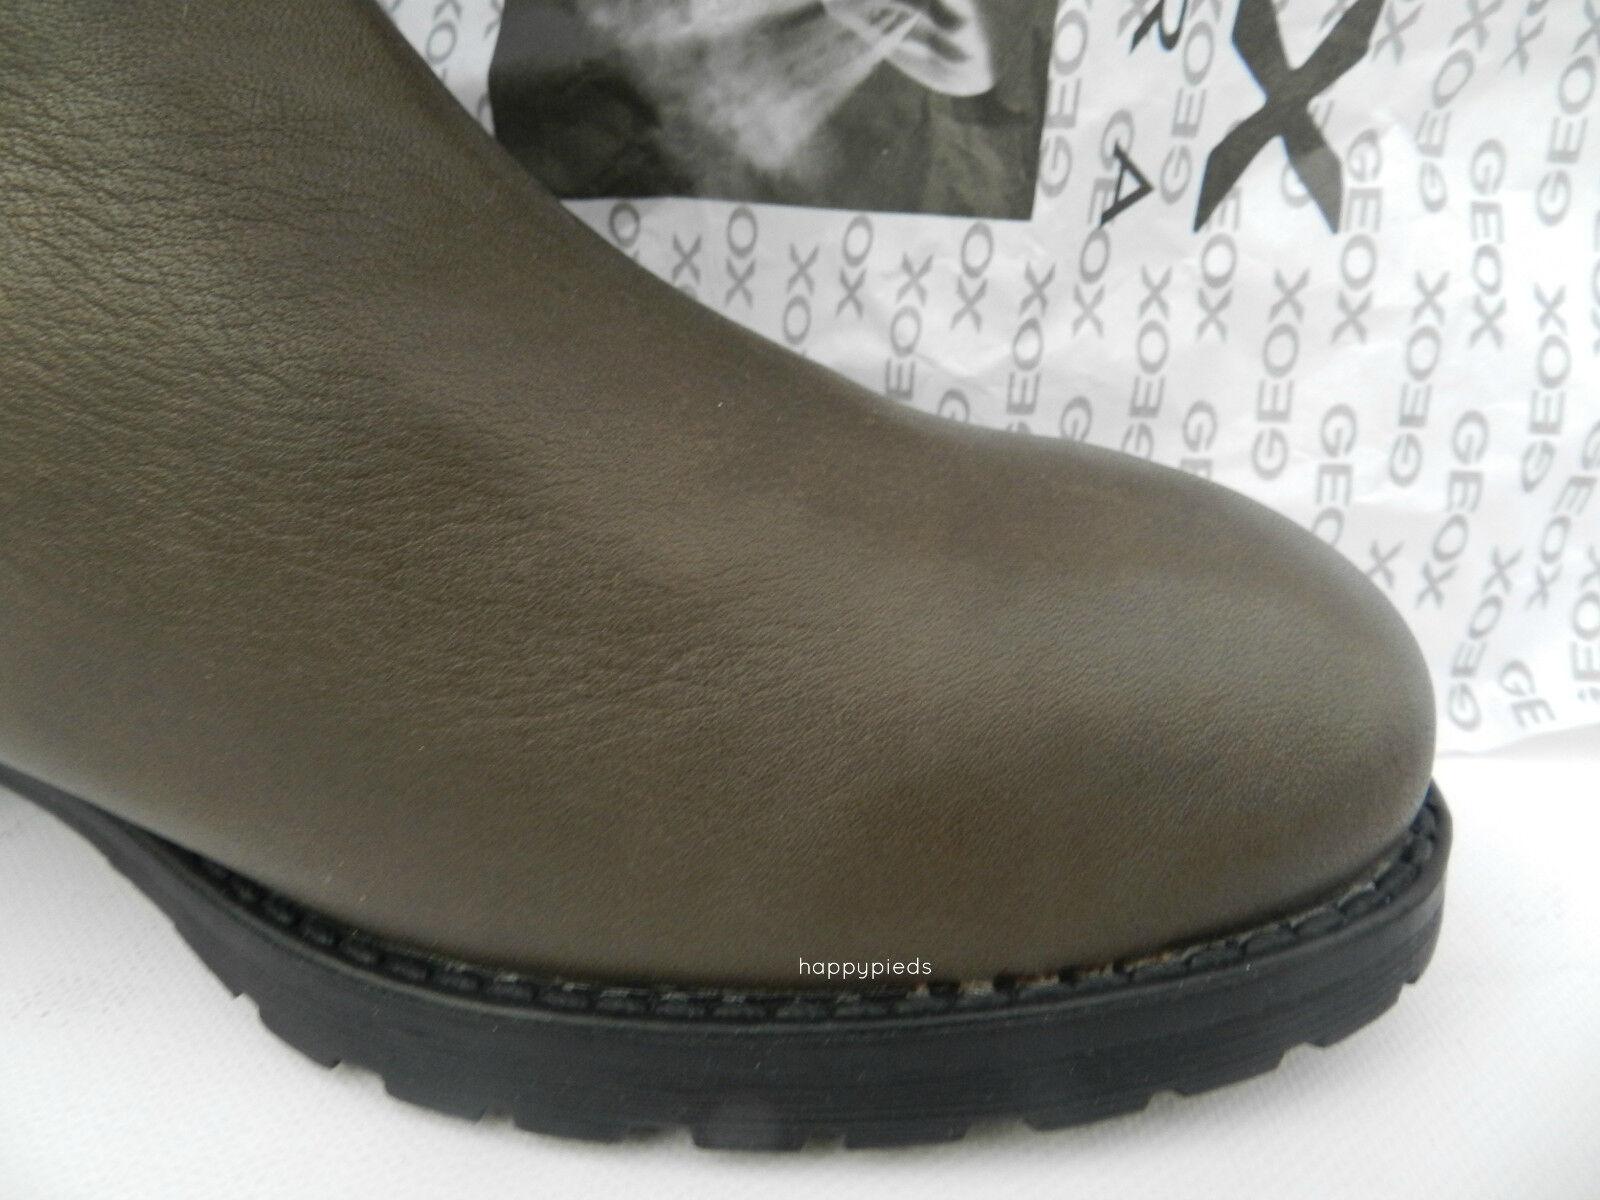 Geox D D D Haley Mi Boots 13T1U shoes Femme 40 Bottes Mollet Bottines UK7 Neuf 0c4613